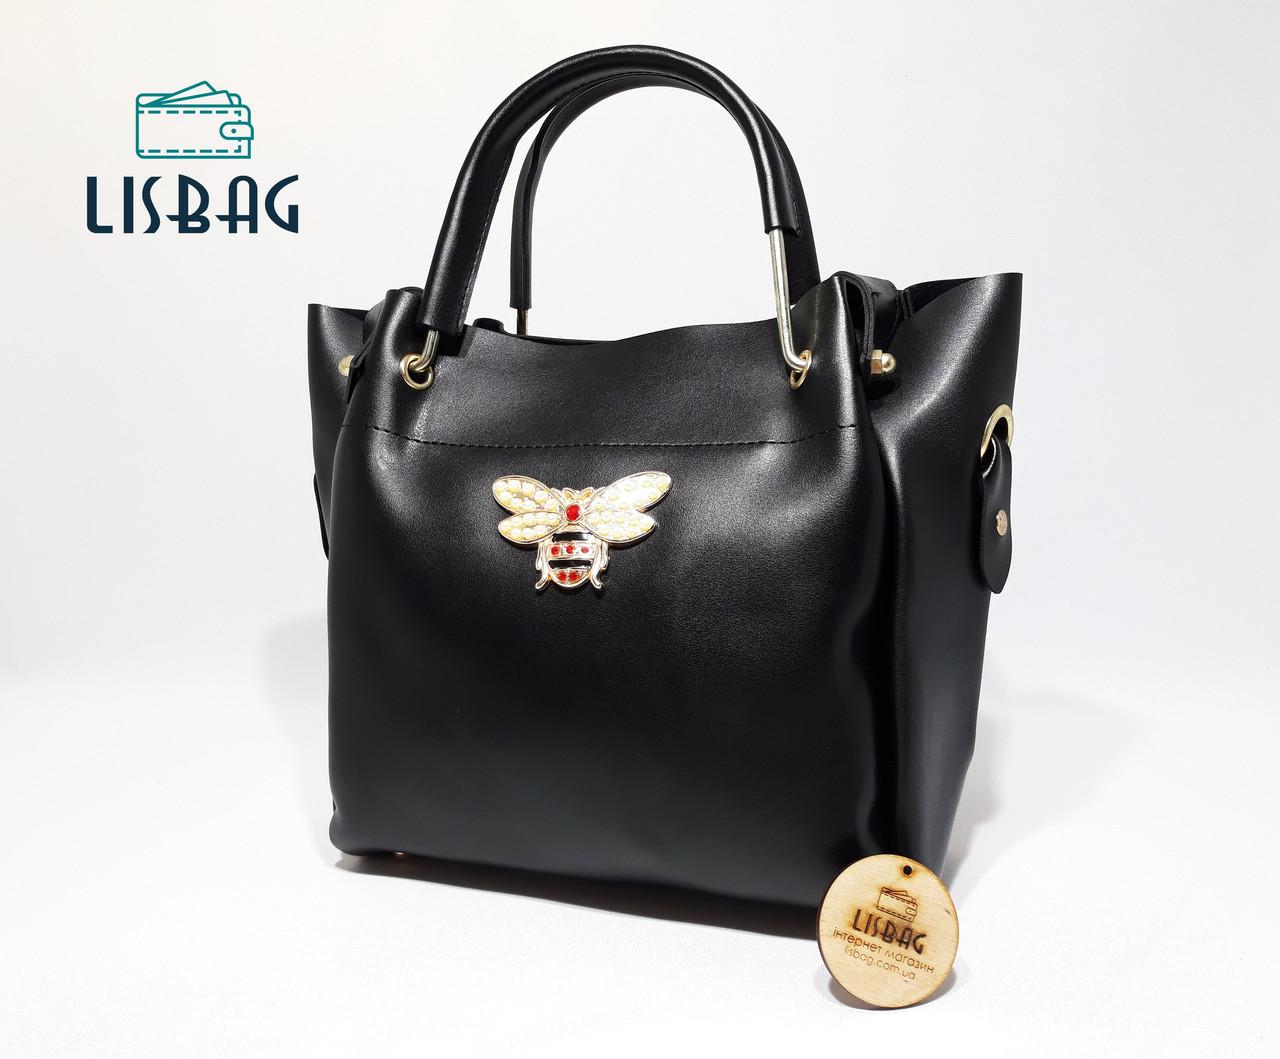 43157b3910fc Классическая Черная вместительная сумка Gucci копия тренд 2018 года -  Интернет магазин Lisbag в Умани